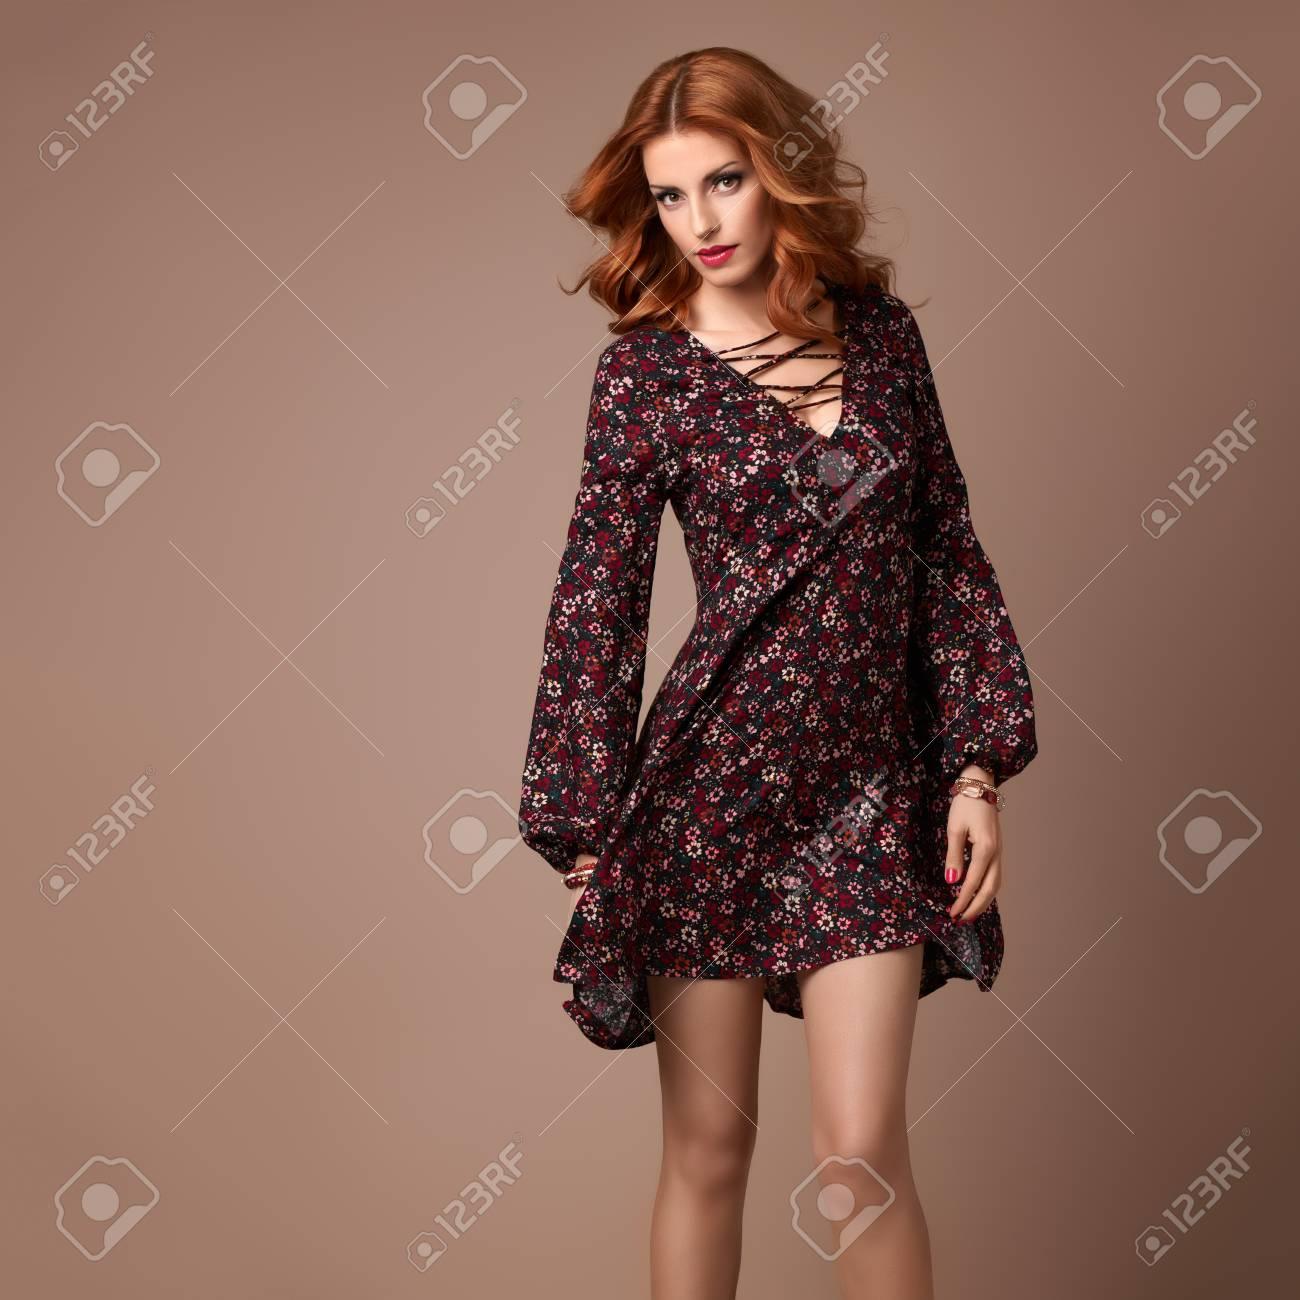 bas prix 553ac b810b Fashion Boho femme dans la mode robe Printemps-Été. coiffure élégante  Curly, maquillage de la mode, Floral Summer Outfit. Glamour Bonne beauté  Redhead ...